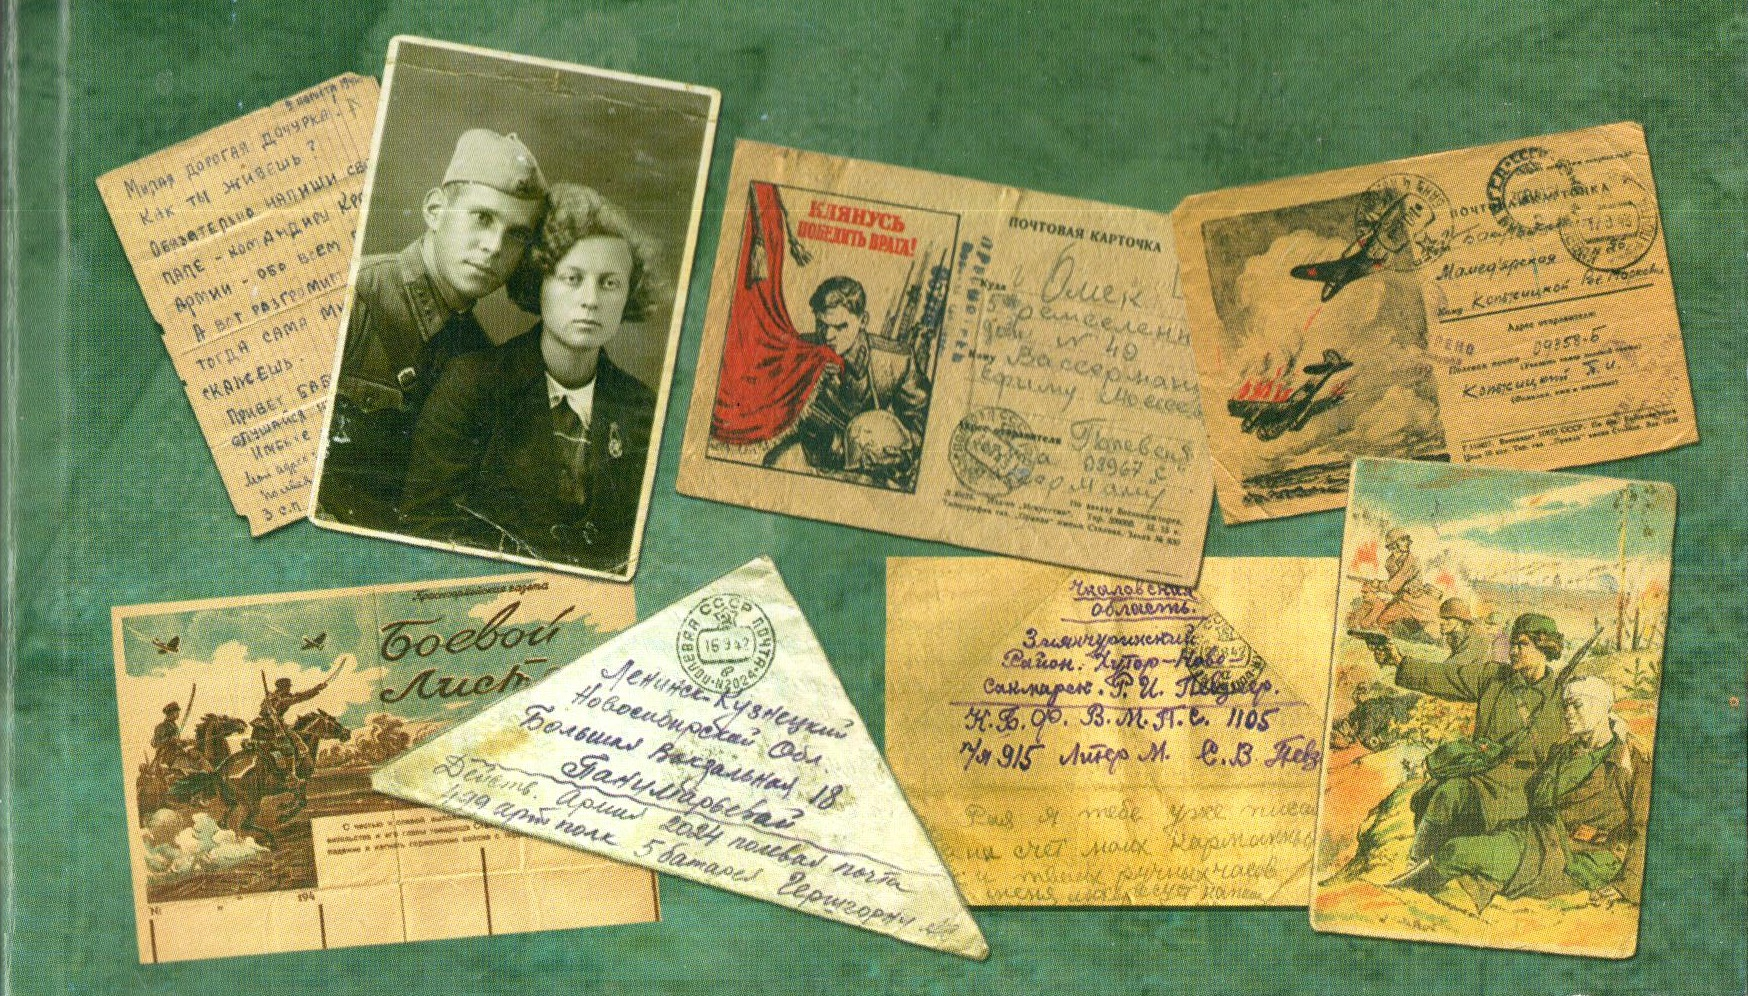 Хроника войны в письмах и дневниках. 17 июля 1941, 1943 и 1944 годов